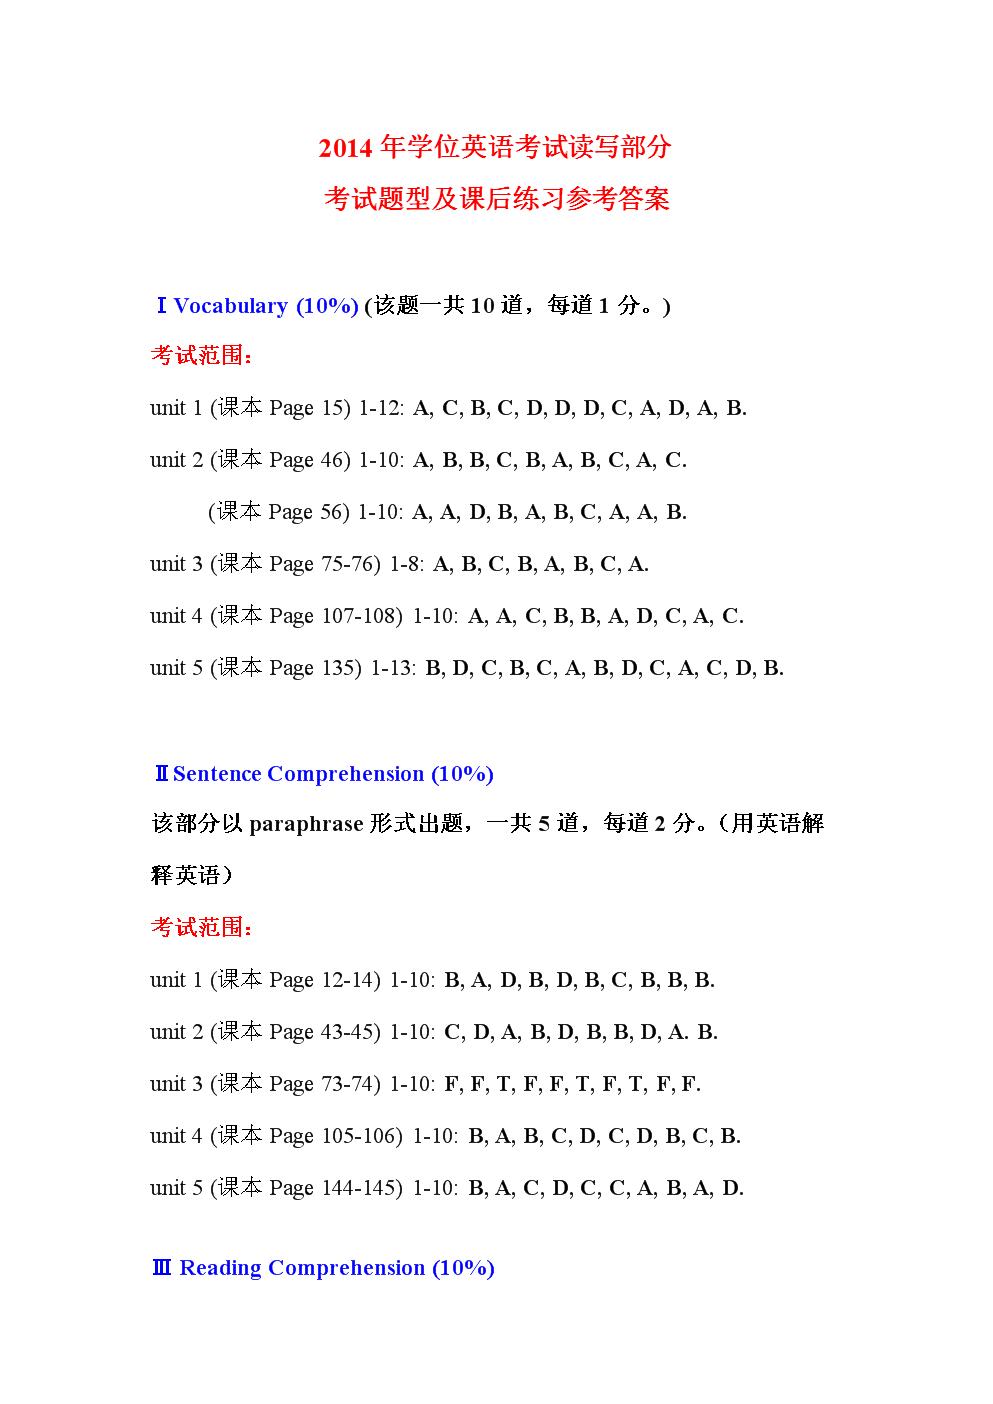 2014研究生英语学位考试题型.doc